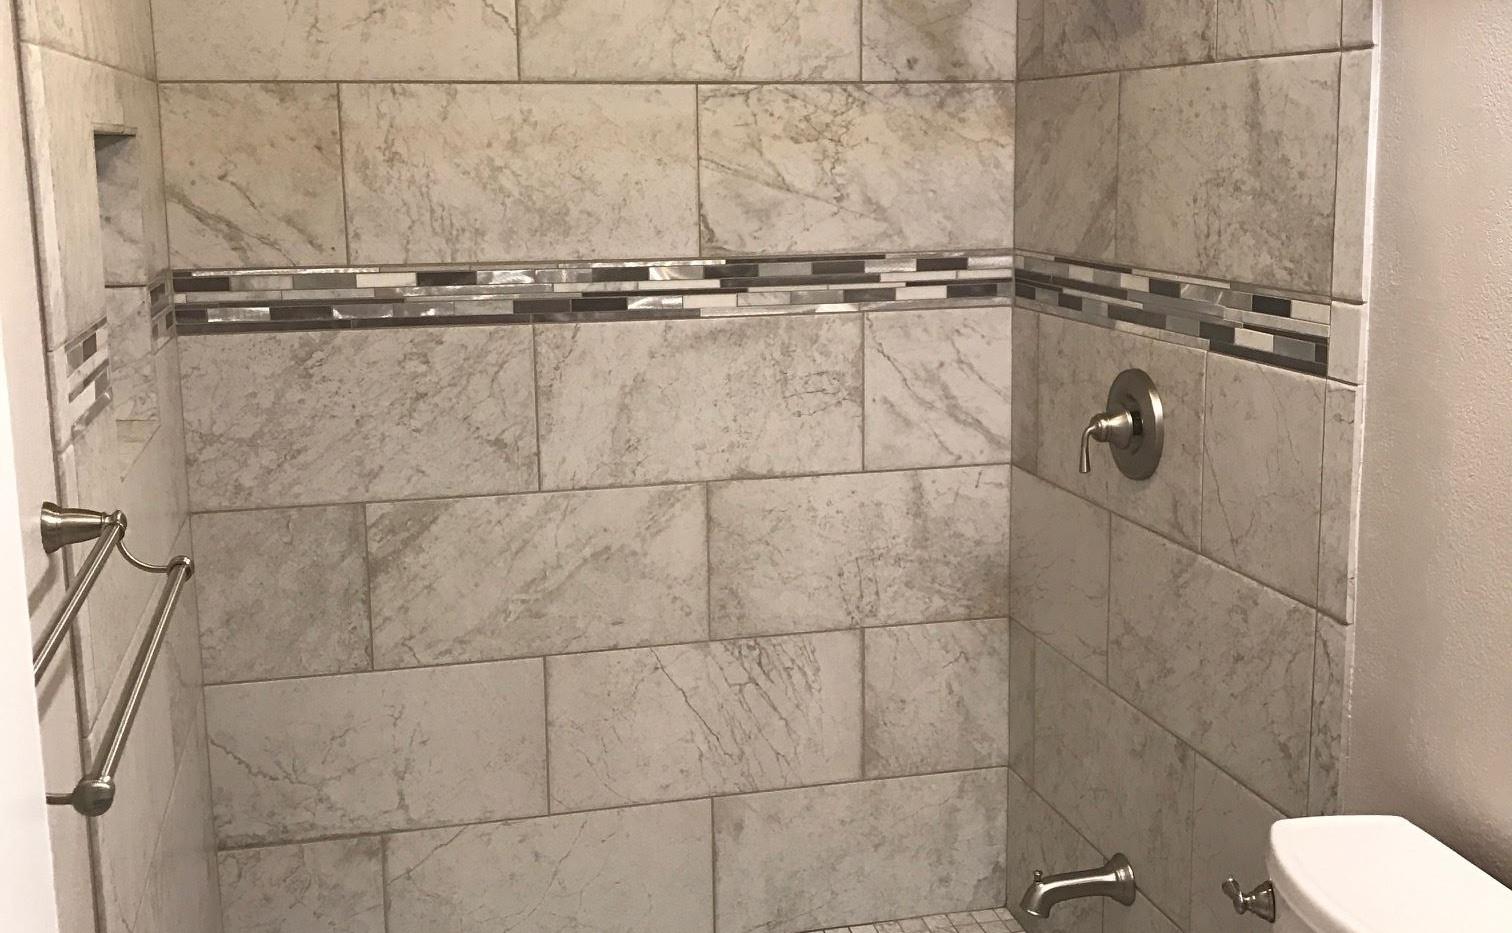 tile work 6.jpg